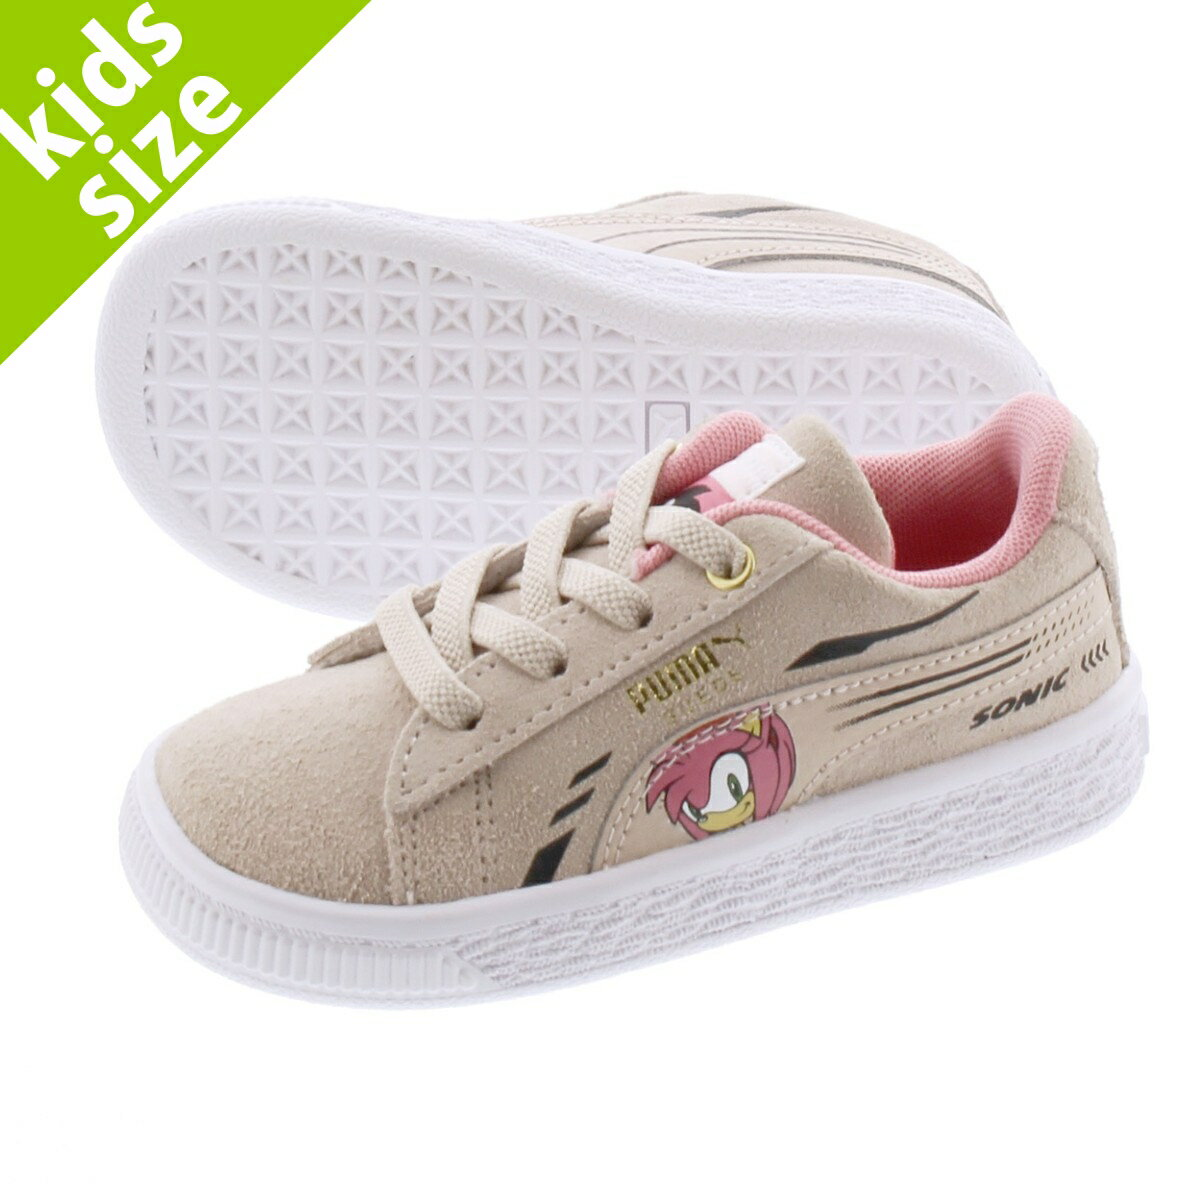 靴, スニーカー  12.016.0cmPUMA x SEGA SUEDE SONIC AC INFANT ROSEWATER 371999-02